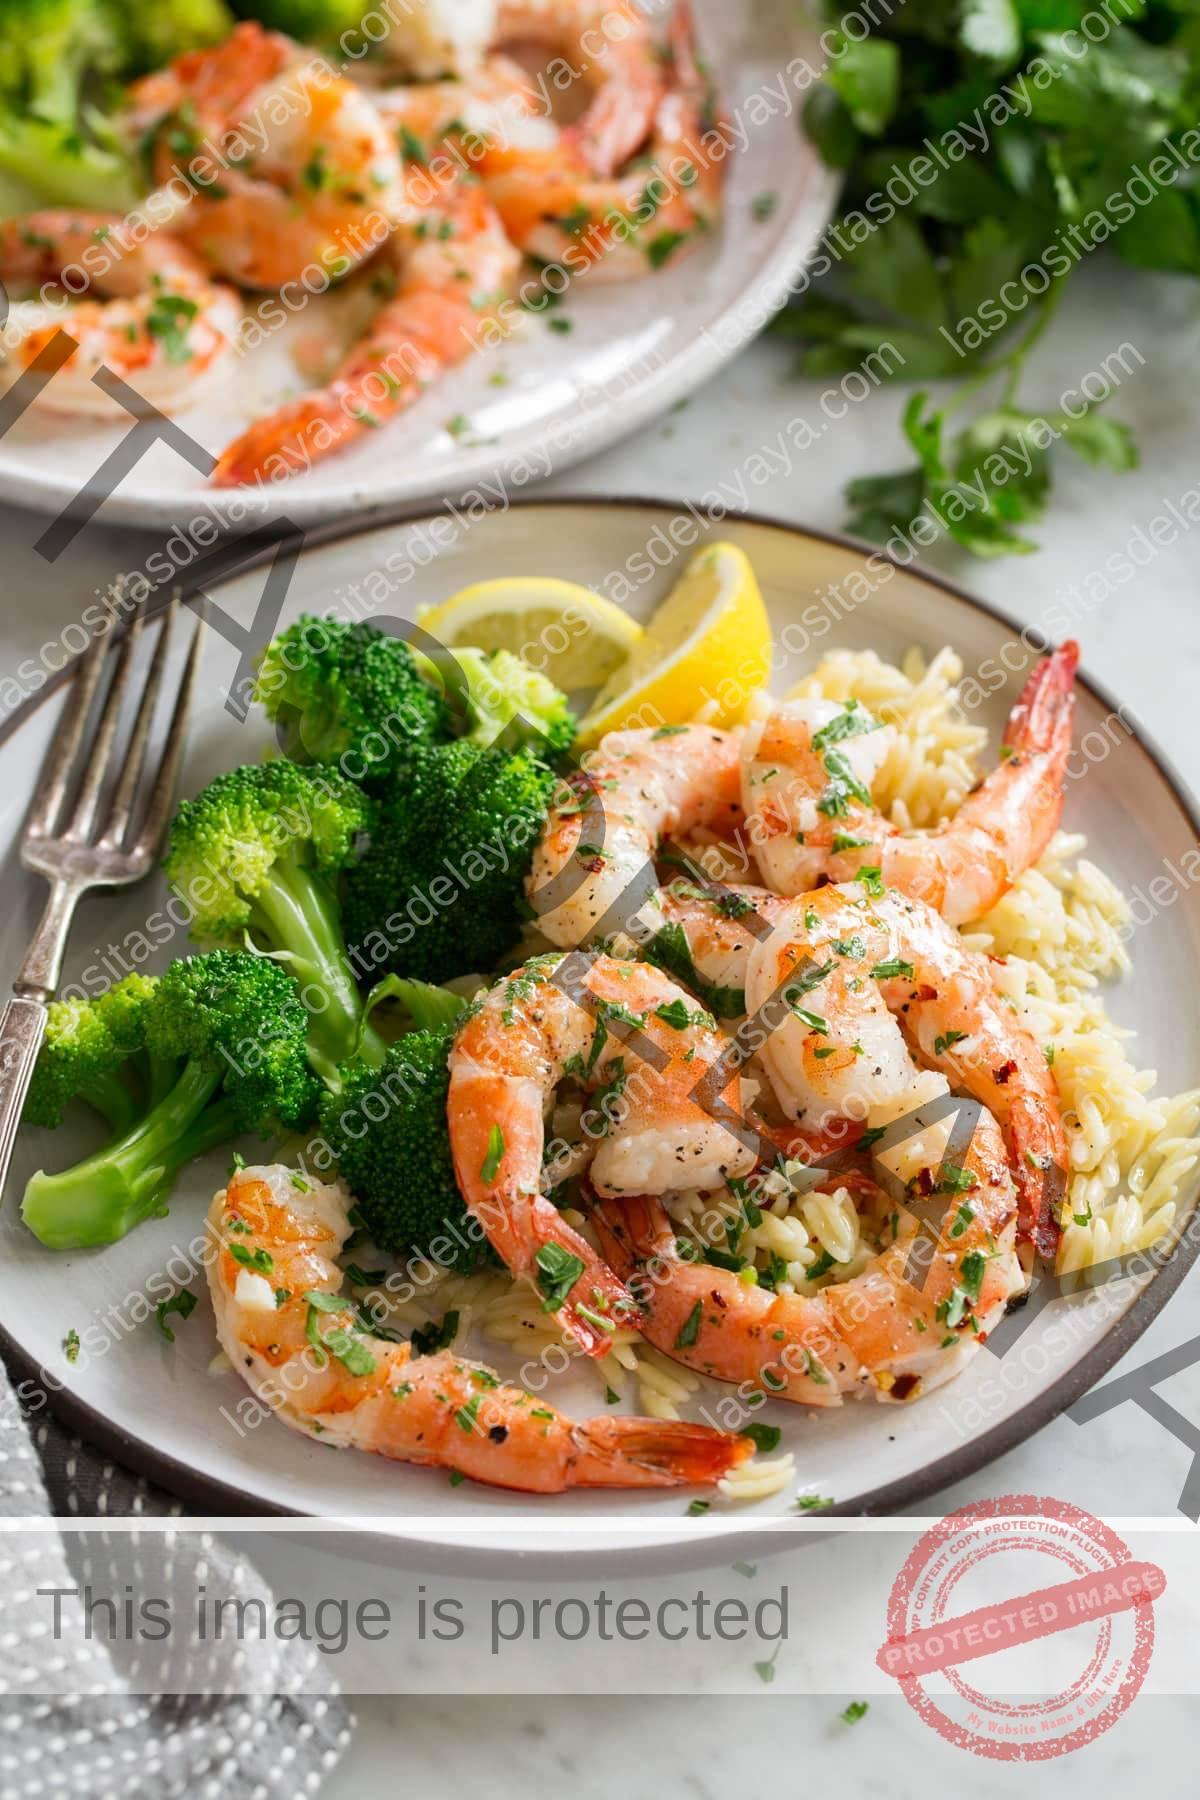 Camarones al horno en plato blanco con orzo y brócoli.